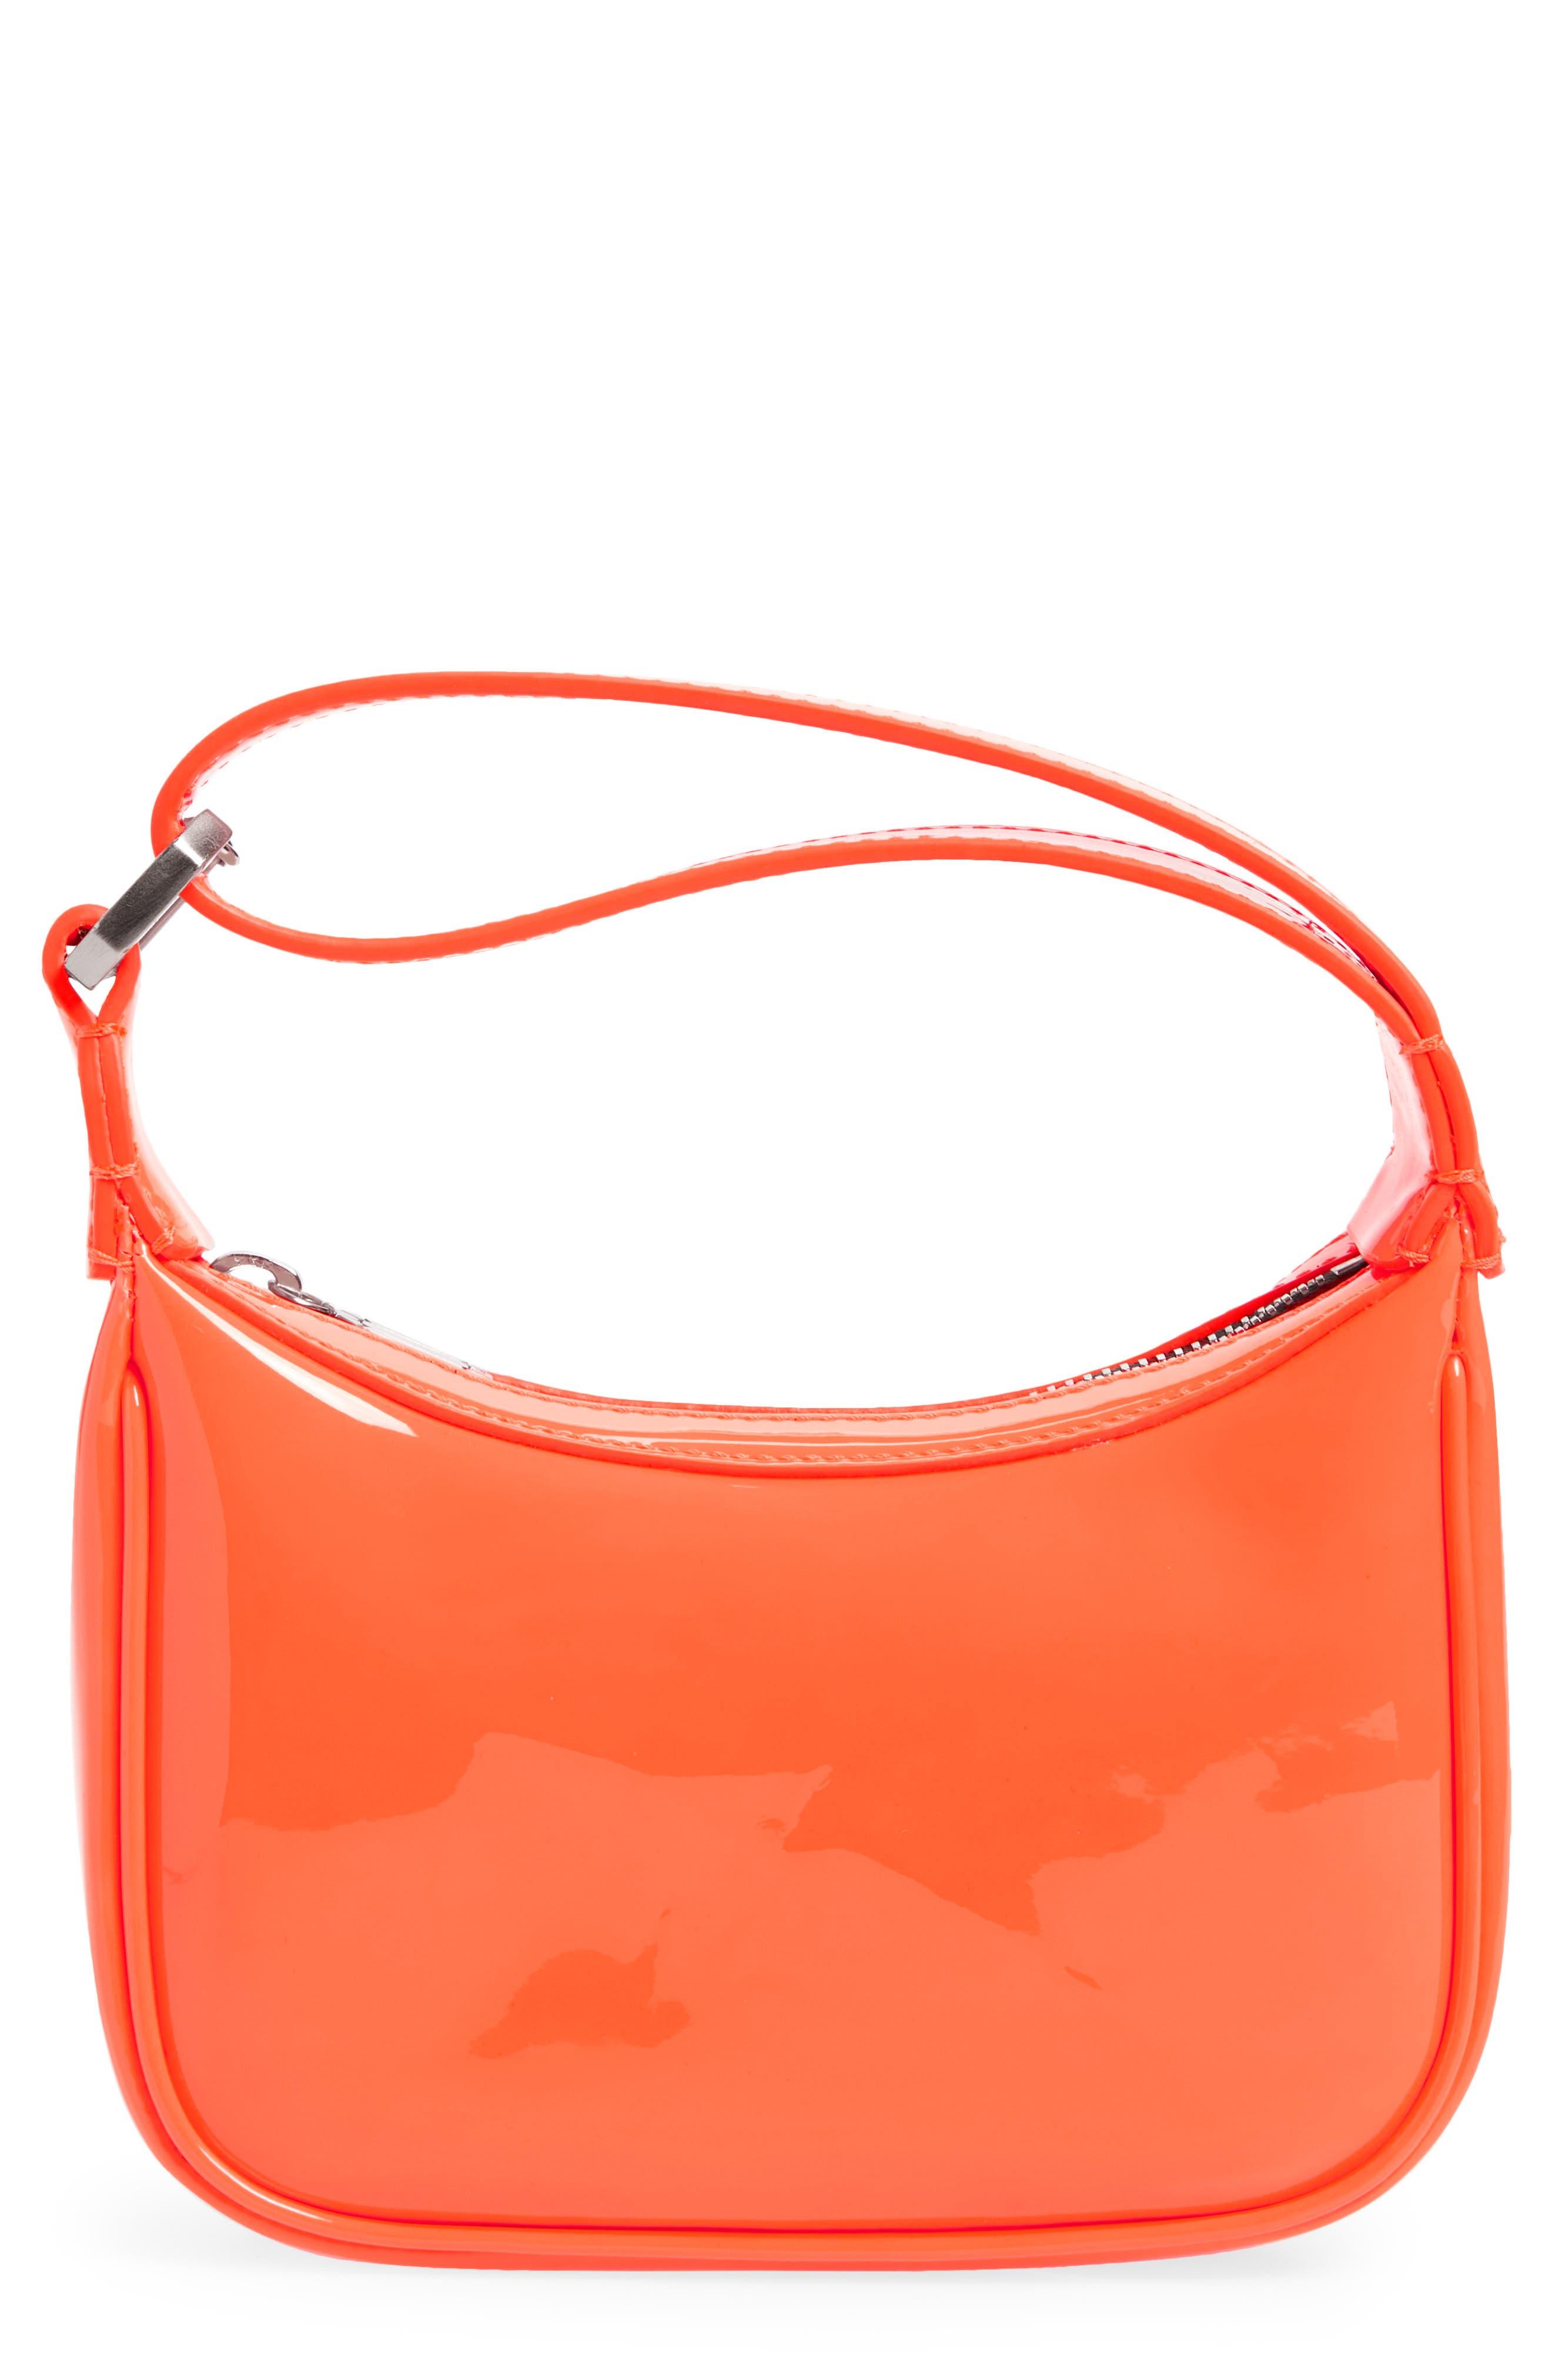 Eera Mini Moonbag Patent Leather Handbag